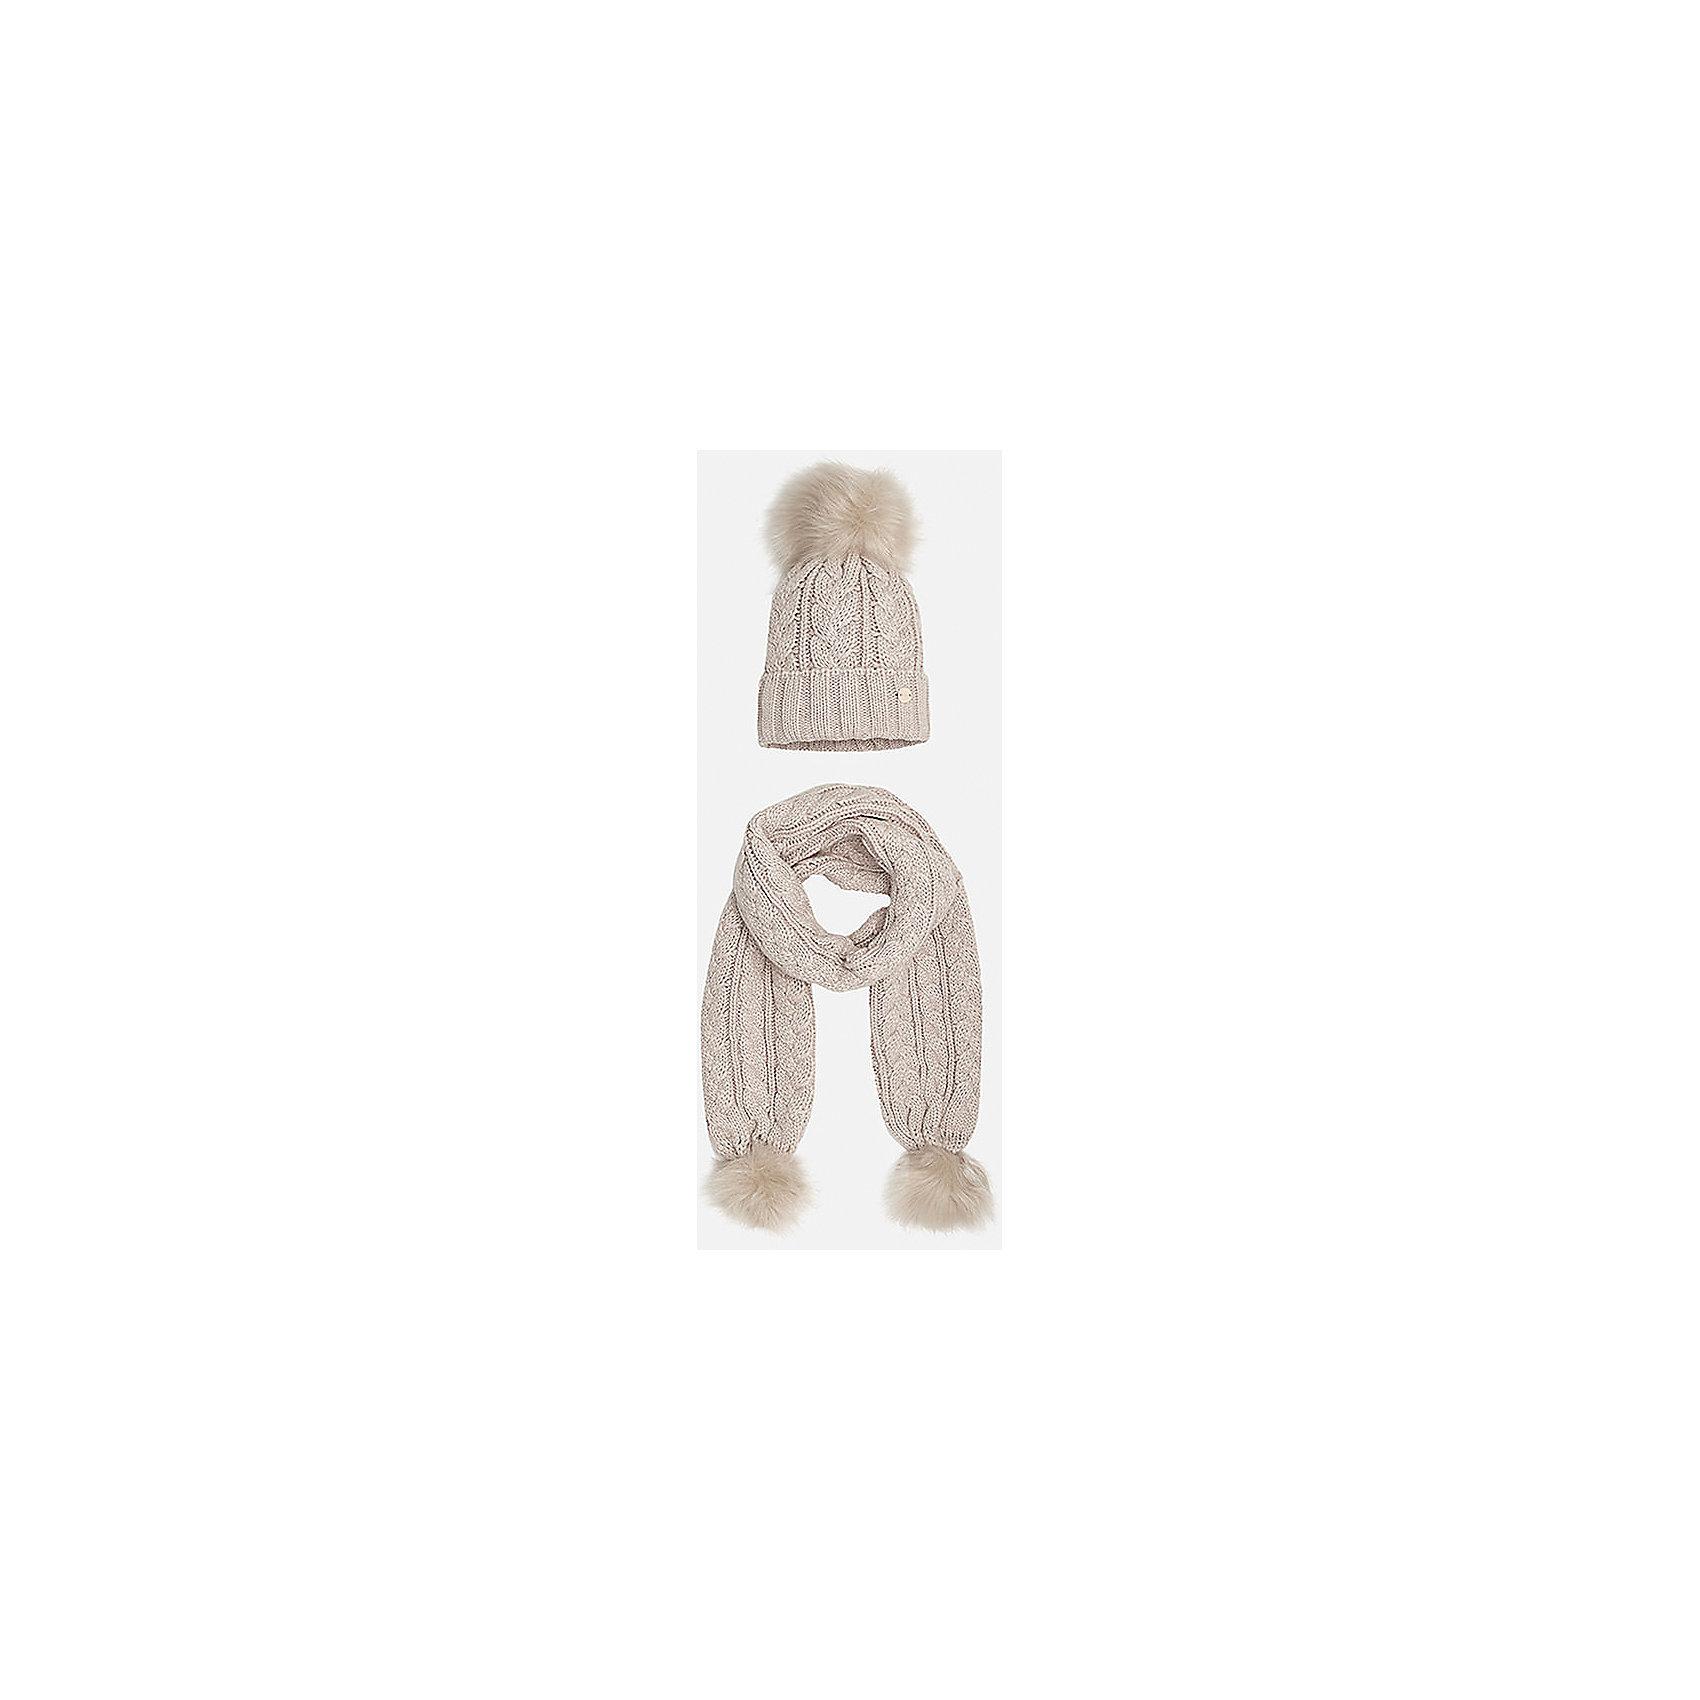 Комплект:шапка и шарф для девочки MayoralШарфы, платки<br>Комплект: шапка и шарф для девочки Mayoral от известного испанского бренда Mayoral. Вязаный комплект выполнен из акриловой пряжи, которая обладает мягкостью, высокой износоустойчивостью. Вязаные издели из акрила хорошо держат форму, не изменяют цвет во время стирки или химчистки. Комплект состоит из шапки и шарфа, связанных узором косы. Шапка имеет классическую форму, с отворотом  из вязанной резинки, сверху имеется меховой помпон в тон шапки, края шарфа также оформлены меховыми помпонами. <br><br>Дополнительная информация:<br><br>- Предназначение: повседневная одежда<br>- Комплектация: шапка, шарф<br>- Цвет: песочный<br>- Пол: для девочки<br>- Состав: 100% акрил<br>- Сезон: осень-зима-весна<br>- Особенности ухода: стирка при температуре 30 градусов, разрешается химическая чистка, глажение <br><br>Подробнее:<br><br>• Для детей в возрасте: от 8 лет и до 16 лет<br>• Страна производитель: Китай<br>• Торговый бренд: Mayoral<br><br>Комплект: шапка и шарф для девочки Mayoral (Майорал) можно купить в нашем интернет-магазине.<br><br>Ширина мм: 89<br>Глубина мм: 117<br>Высота мм: 44<br>Вес г: 155<br>Цвет: бежевый<br>Возраст от месяцев: 84<br>Возраст до месяцев: 96<br>Пол: Женский<br>Возраст: Детский<br>Размер: 56,58,54<br>SKU: 4867444